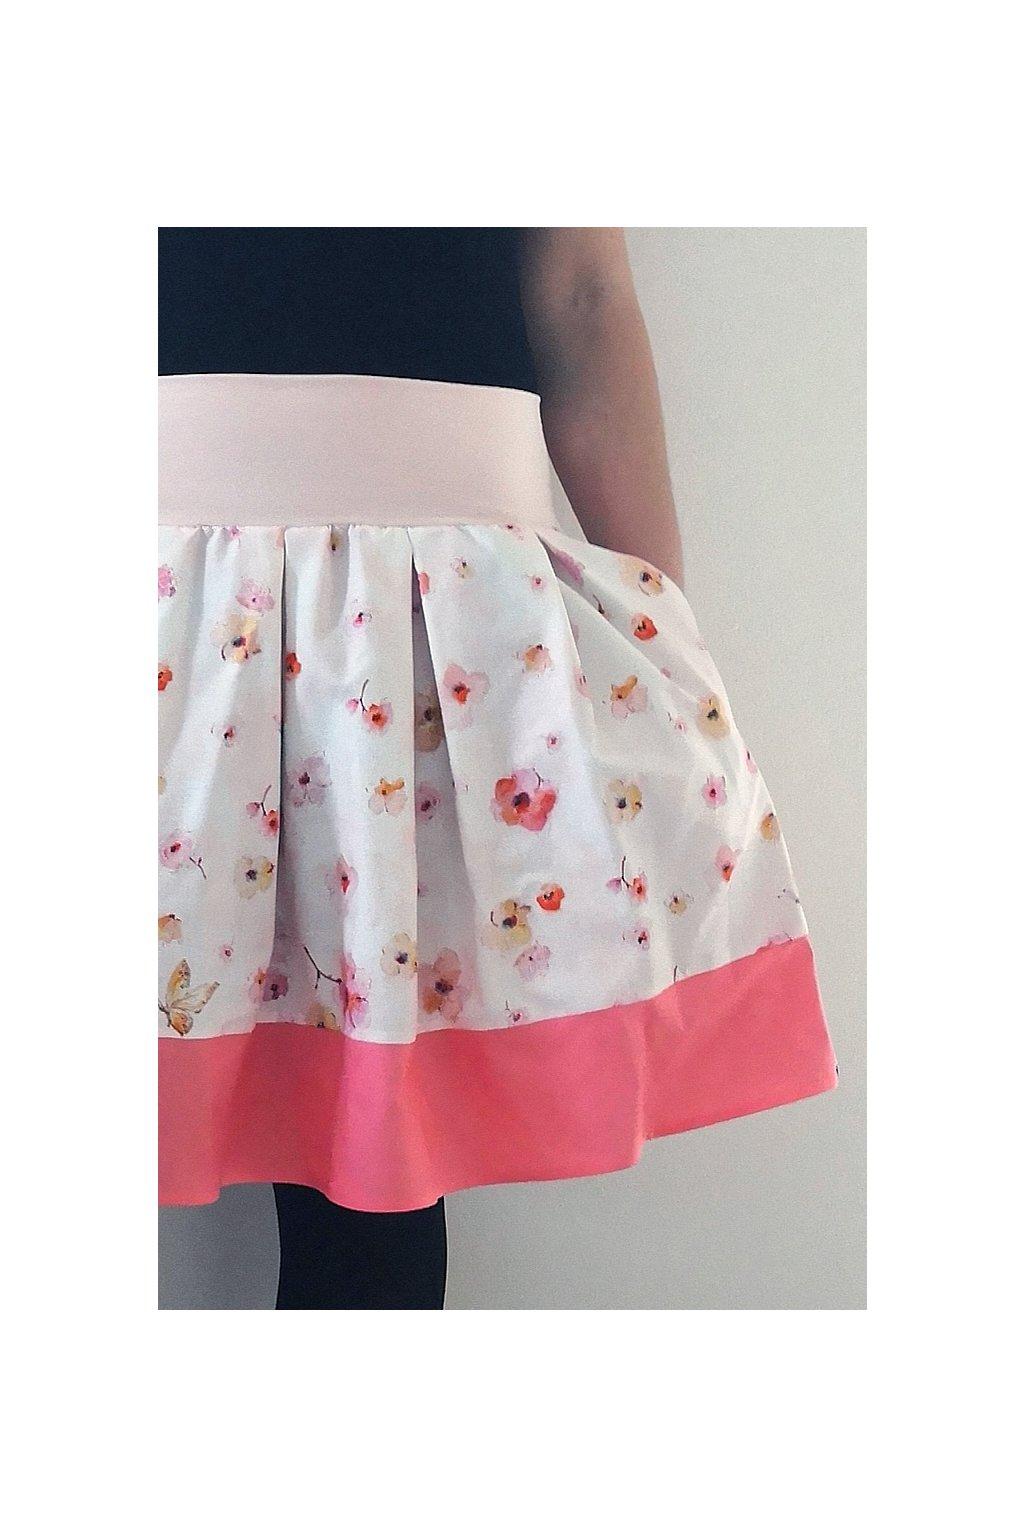 SKLADEM - Skládaná sukně Drobné květy   plátno